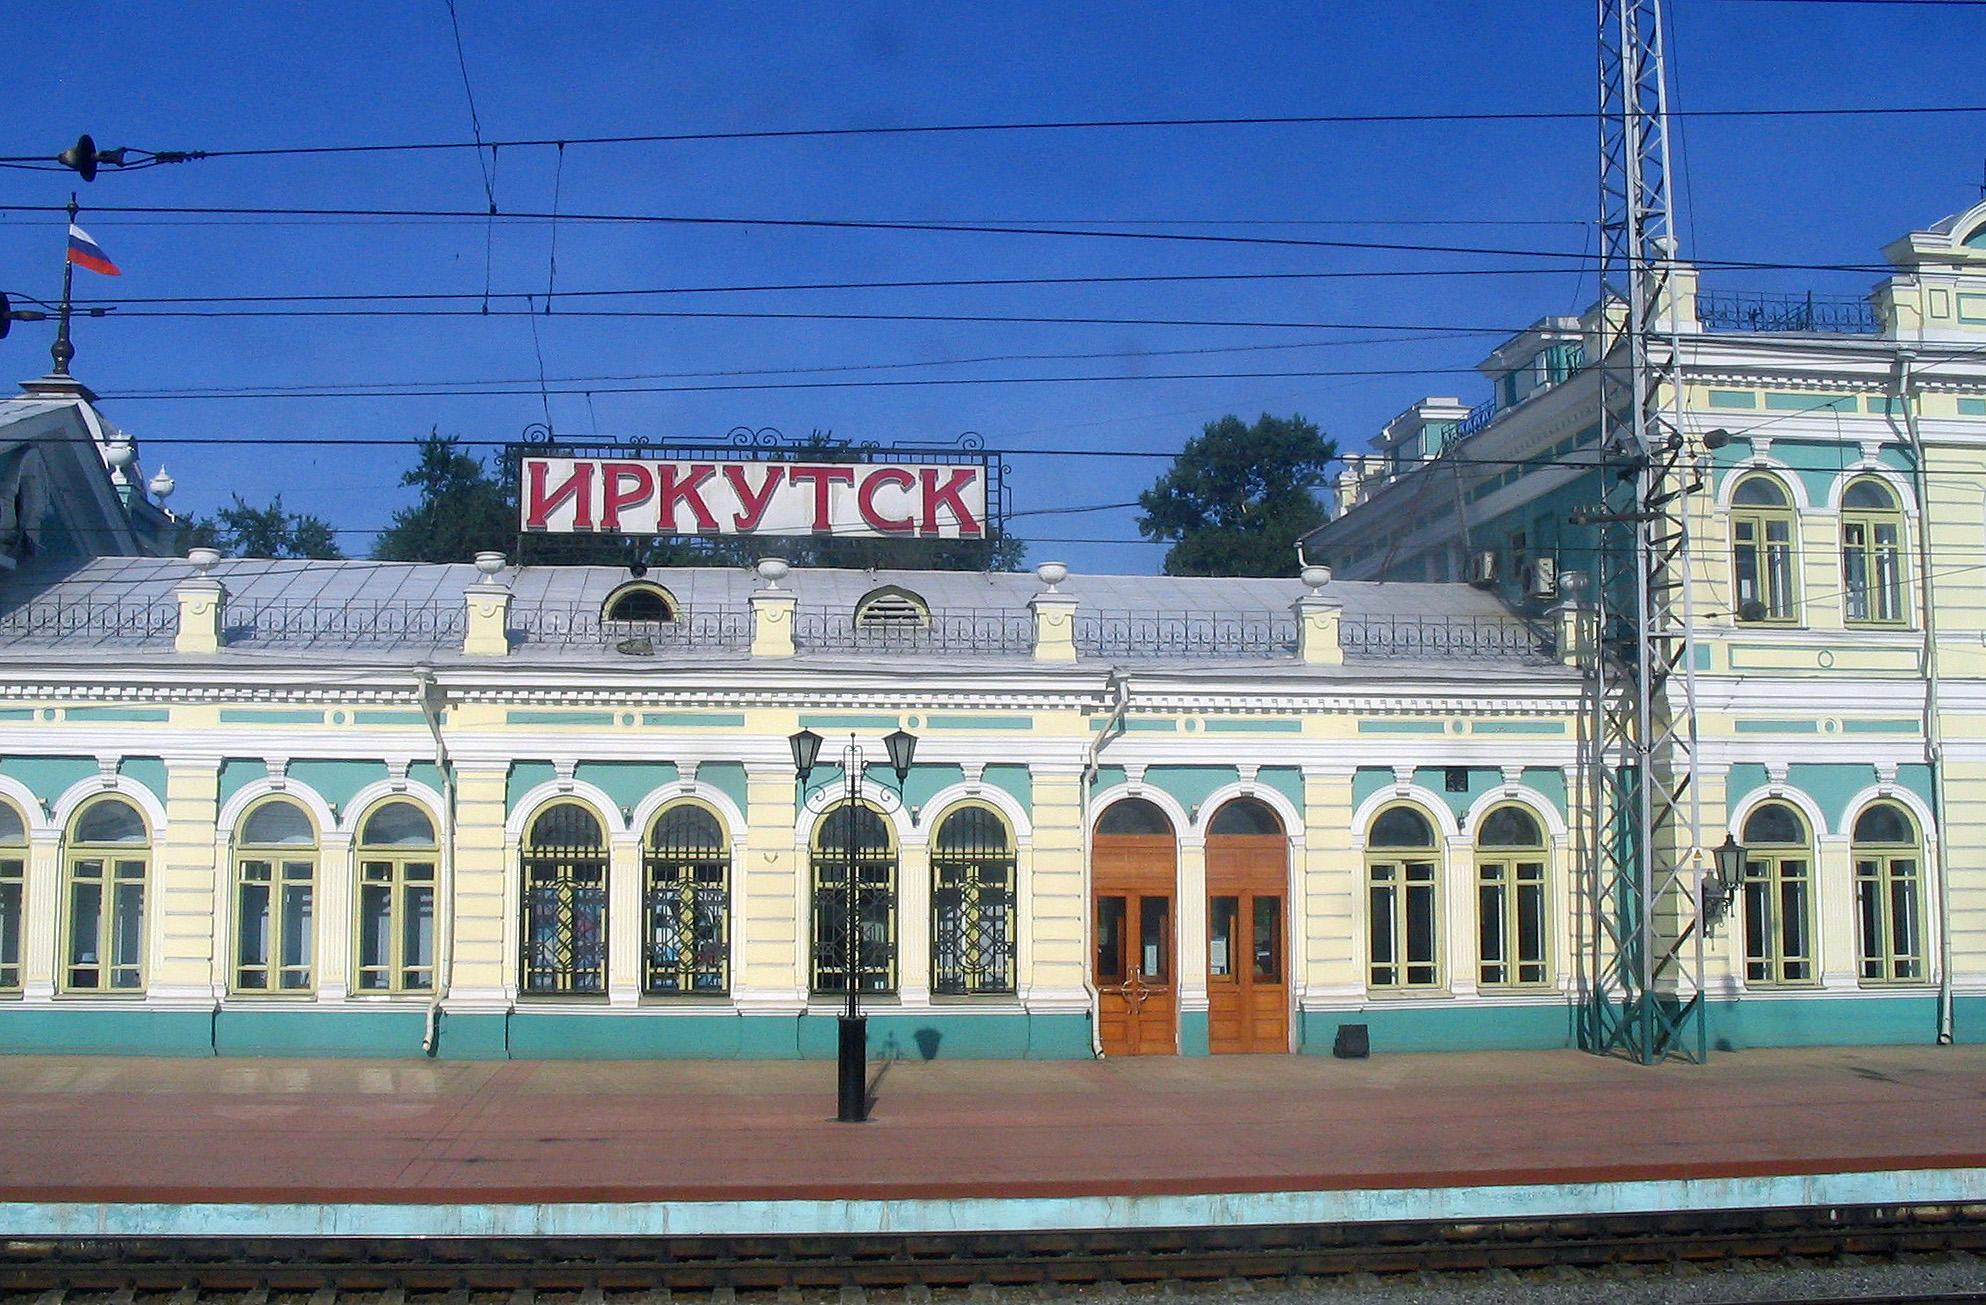 Irkutsk station